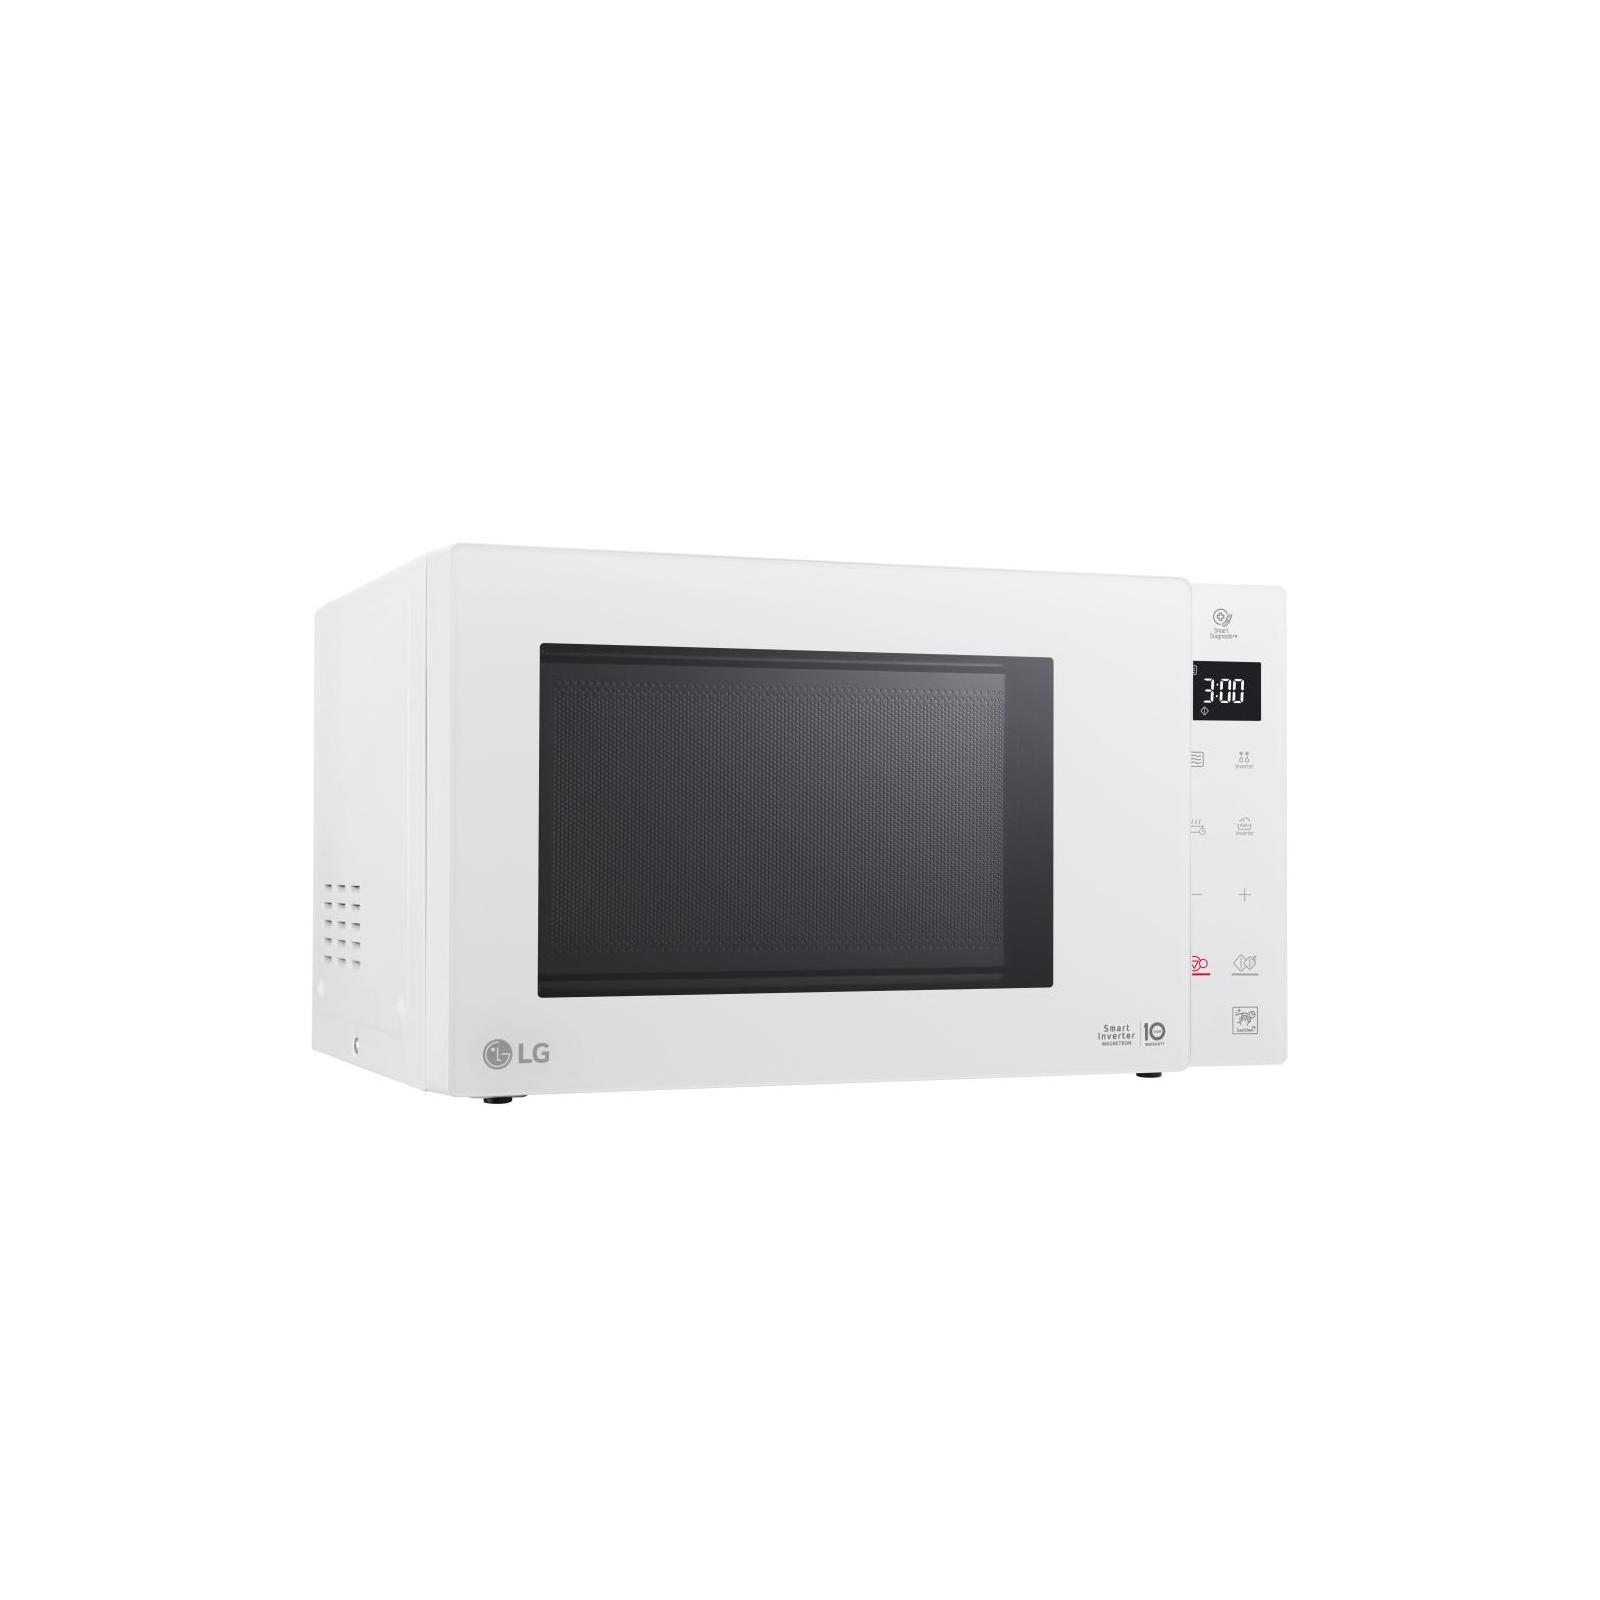 Микроволновая печь LG MS2336GIH изображение 2